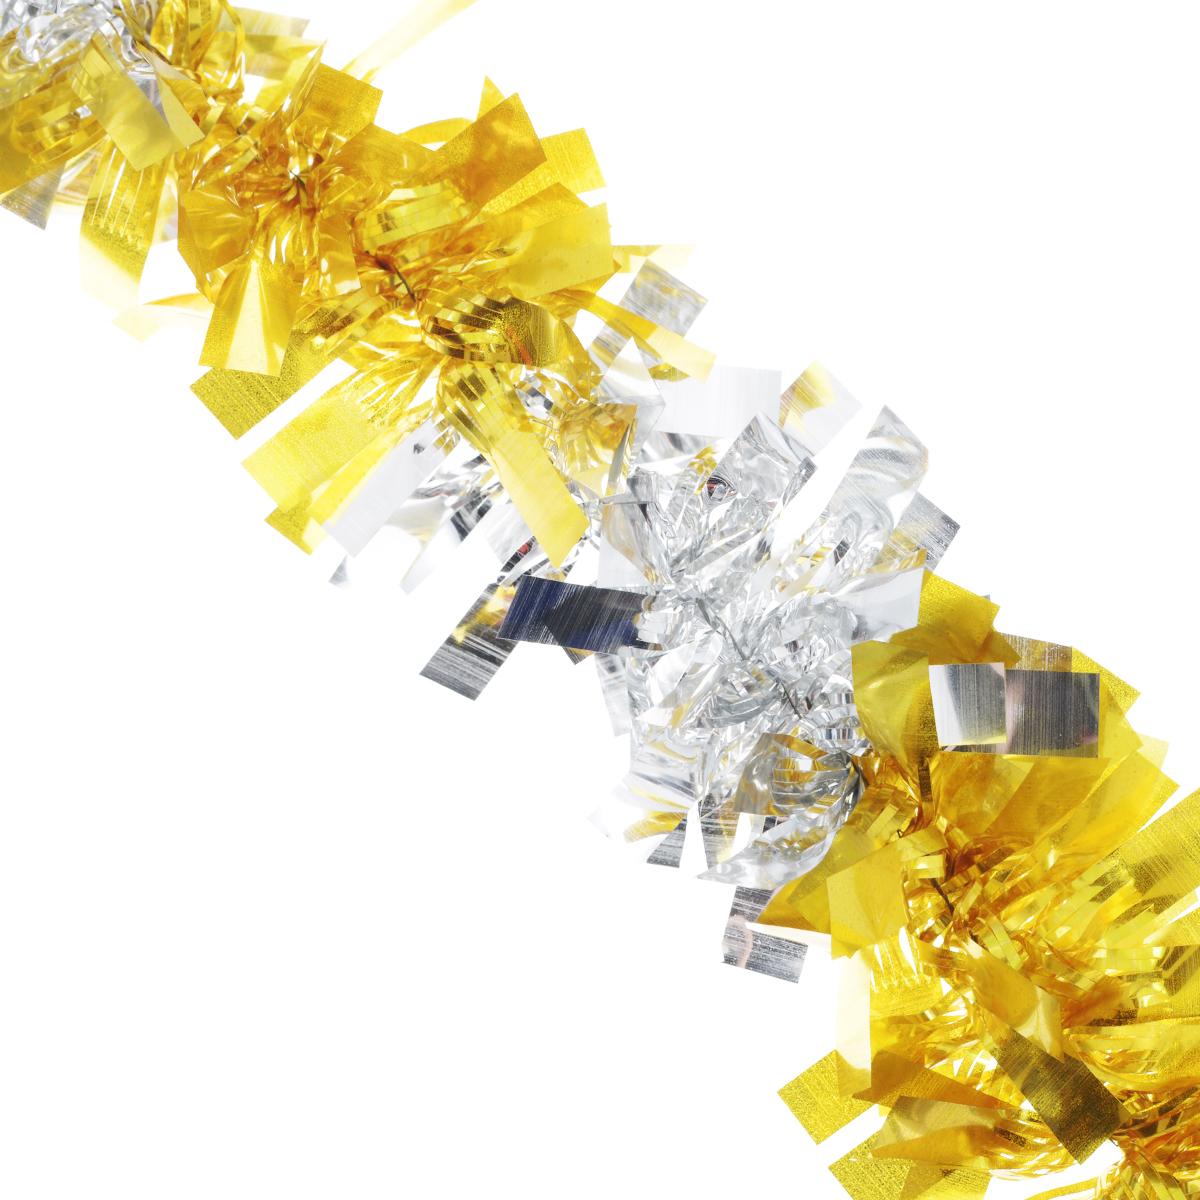 Мишура новогодняя EuroHouse Чудесница, цвет: желтый, серебристый, диаметр 6 см, длина 200 смC0038550Новогодняя мишура EuroHouse Чудесница, выполненная из ПЭТ (полиэтилентерефталата), поможет вам украсить свой дом к предстоящим праздникам. А новогодняя елка с таким украшением станет еще наряднее. Мишура армирована, то есть имеет проволоку внутри и способна сохранять придаваемую ей форму. Новогодней мишурой можно украсить все, что угодно - елку, квартиру, дачу, офис - как внутри, так и снаружи. Можно сложить новогодние поздравления, буквы и цифры, мишурой можно украсить и дополнить гирлянды, можно выделить дверные колонны, оплести дверные проемы.